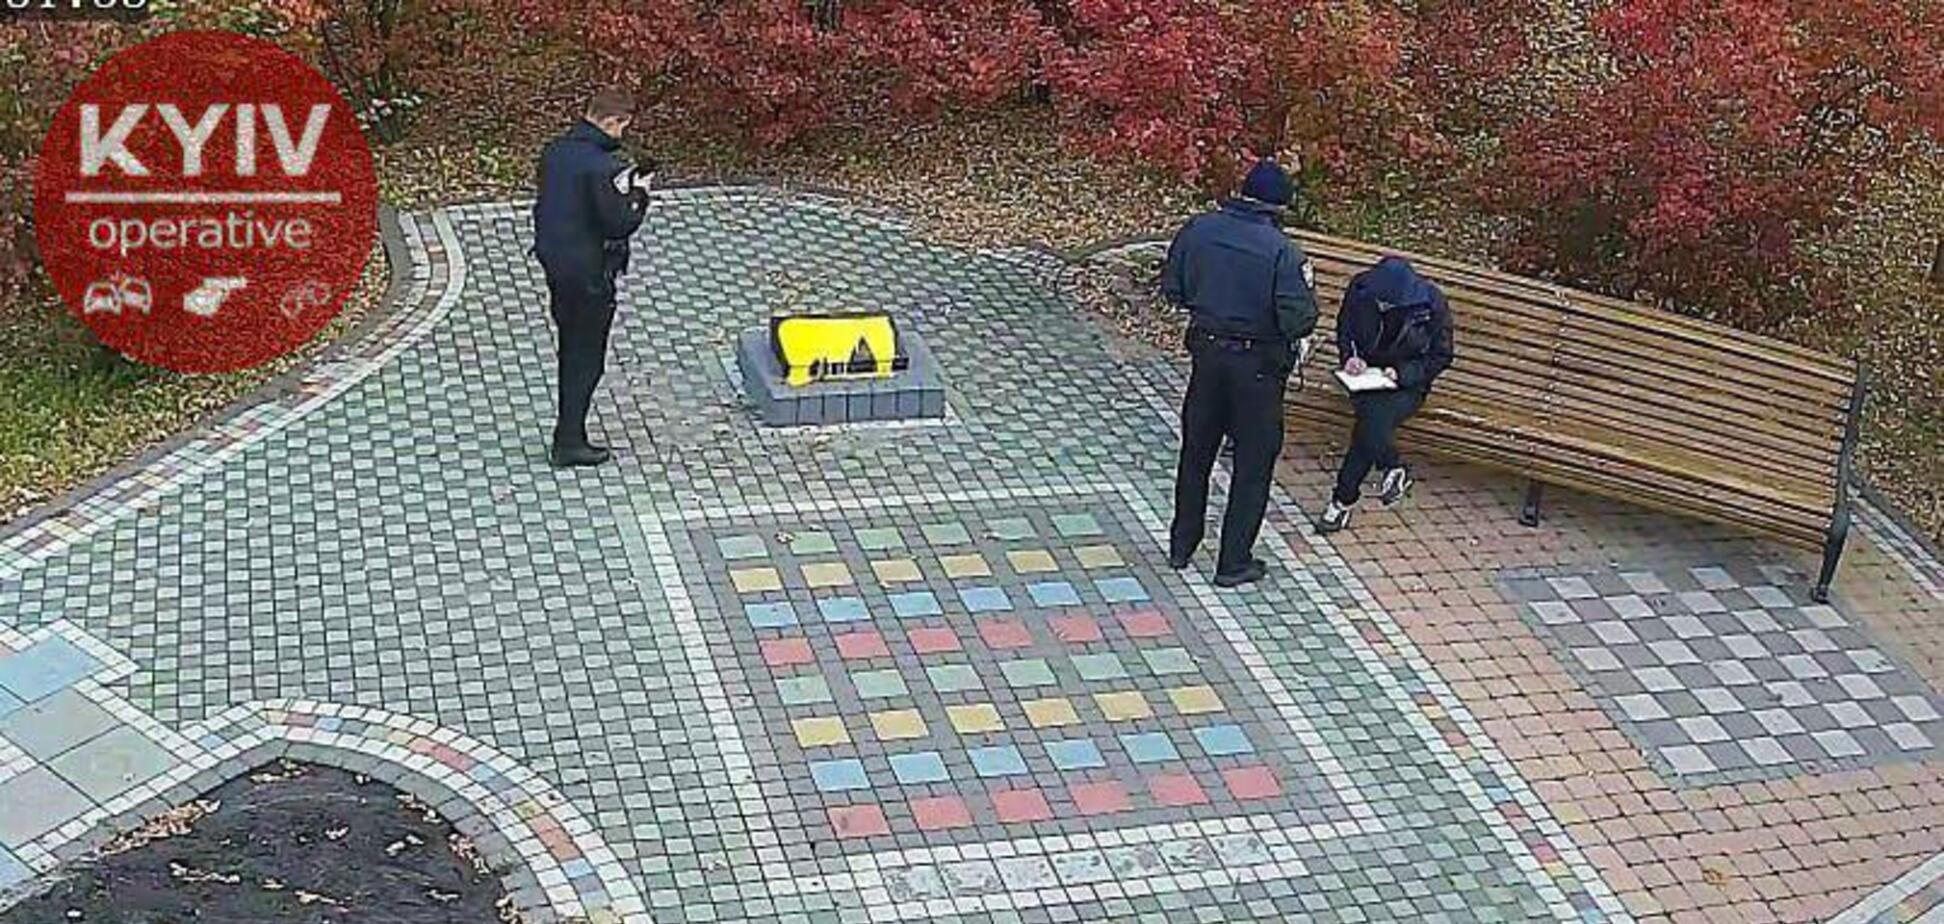 'Больной человек!' В Киеве вандал осквернил мемориал погибшим воинам АТО